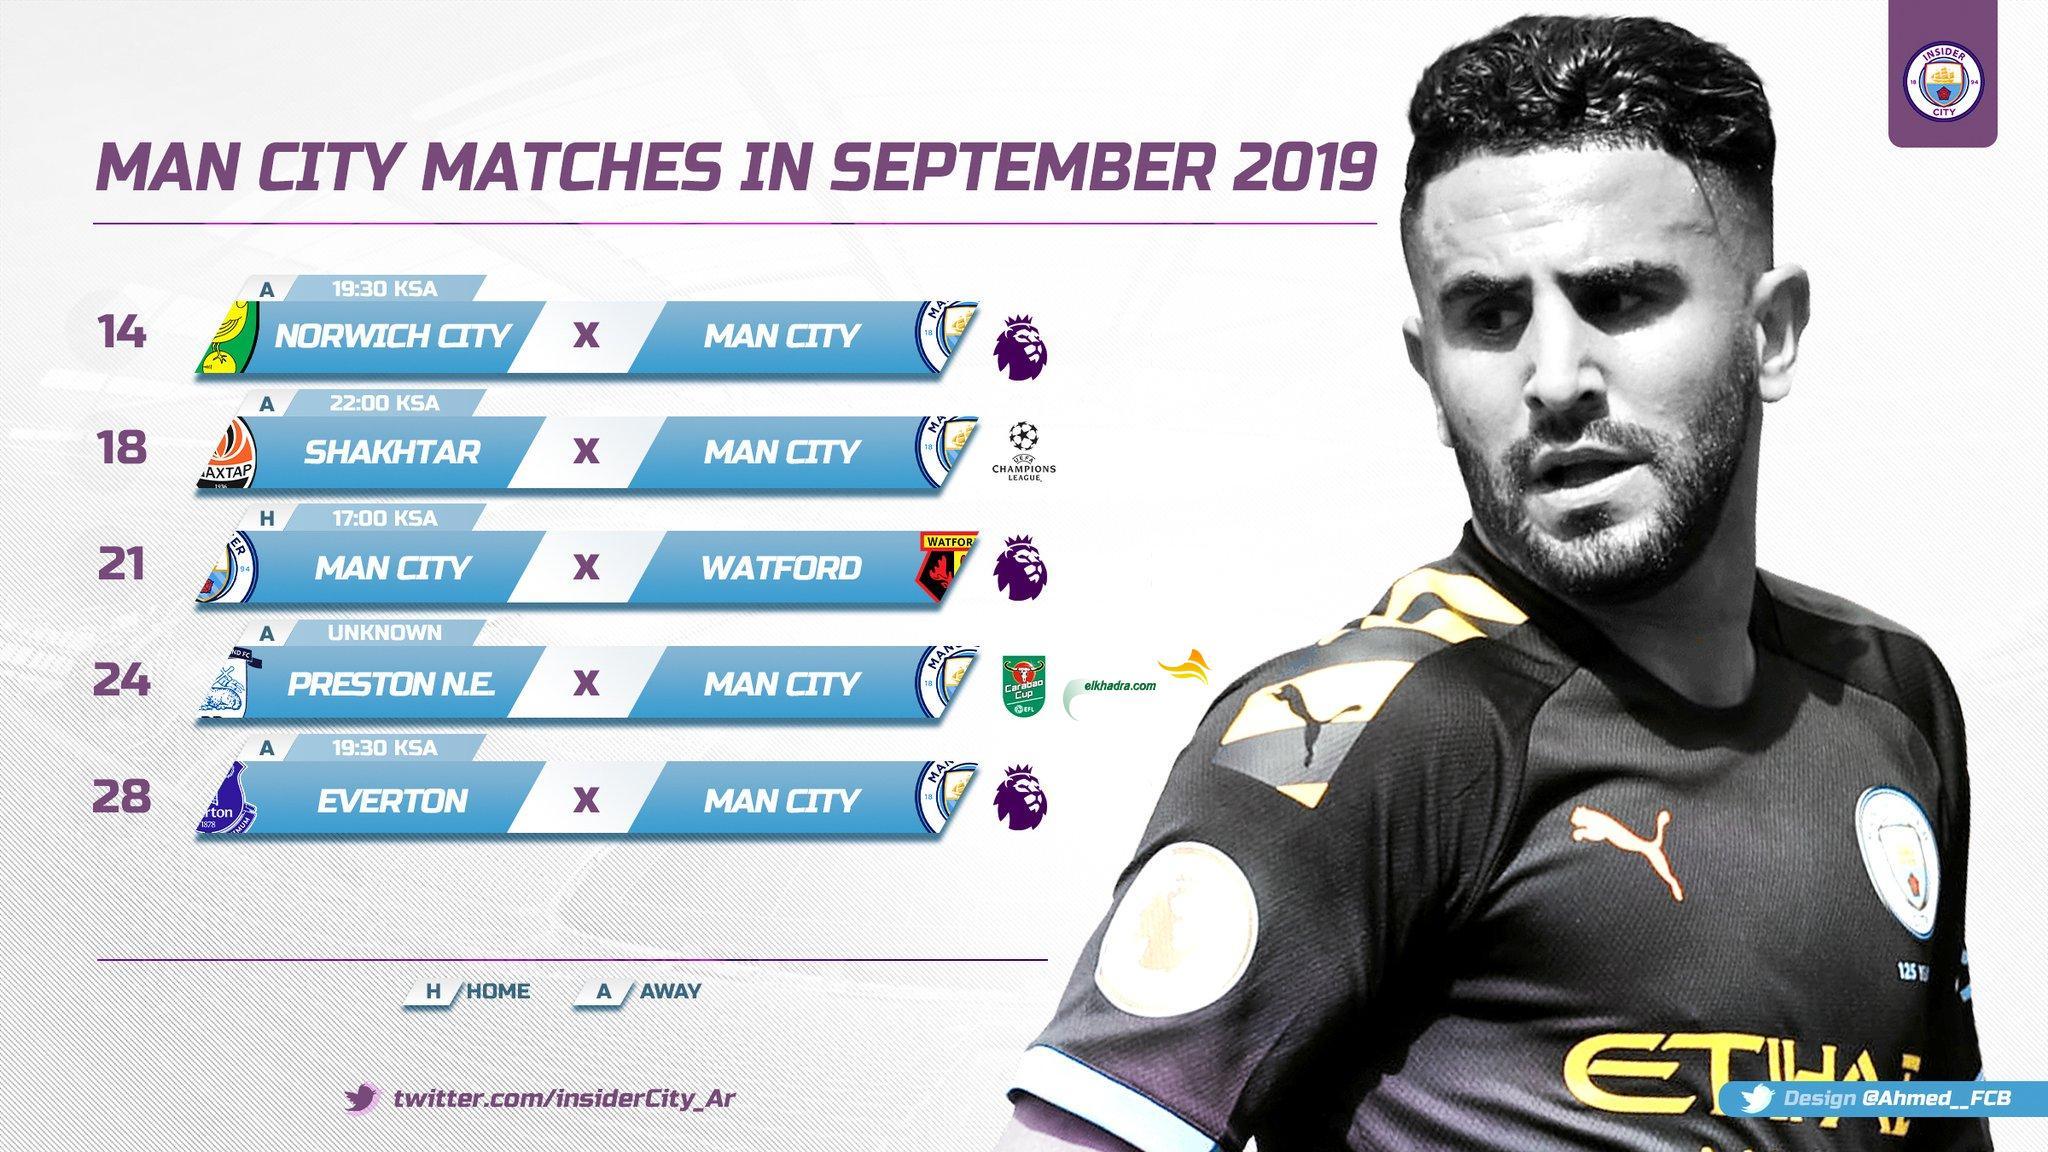 برنامج | مباريات مان سيتي في شهر سبتمبر 2019 24